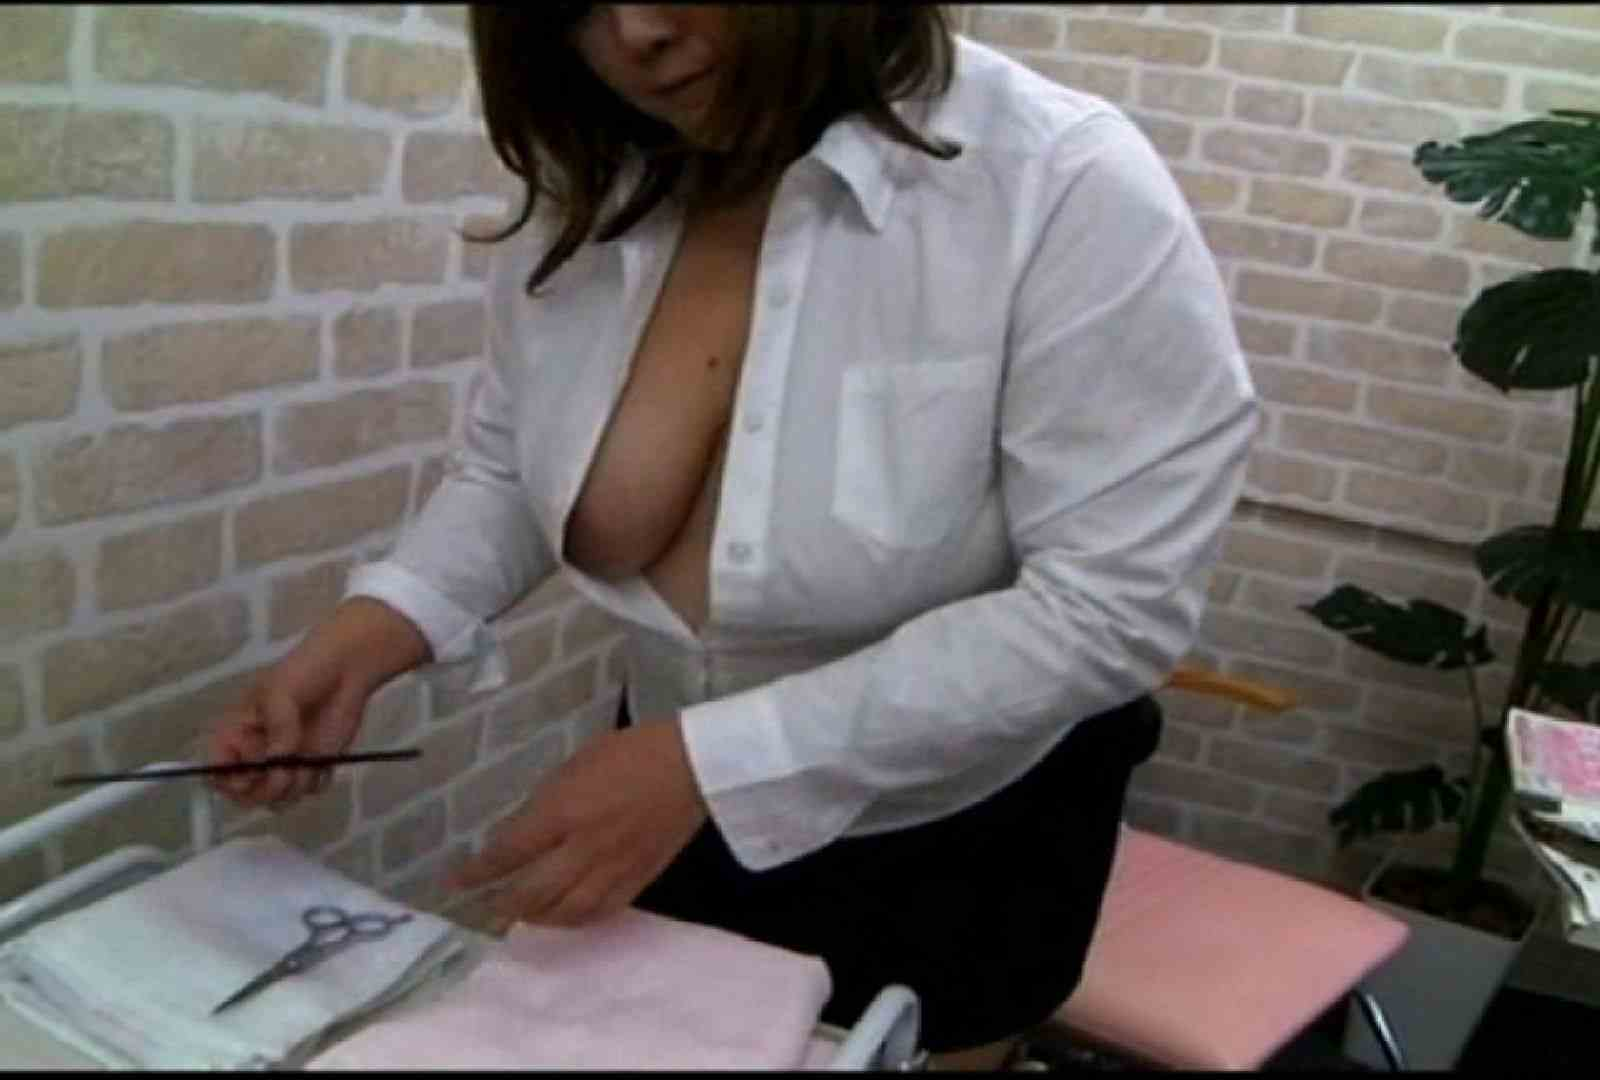 いきつけの美容院はノーブラ営業中!Vol.3 OLエロ画像 覗き性交動画流出 108PICs 80